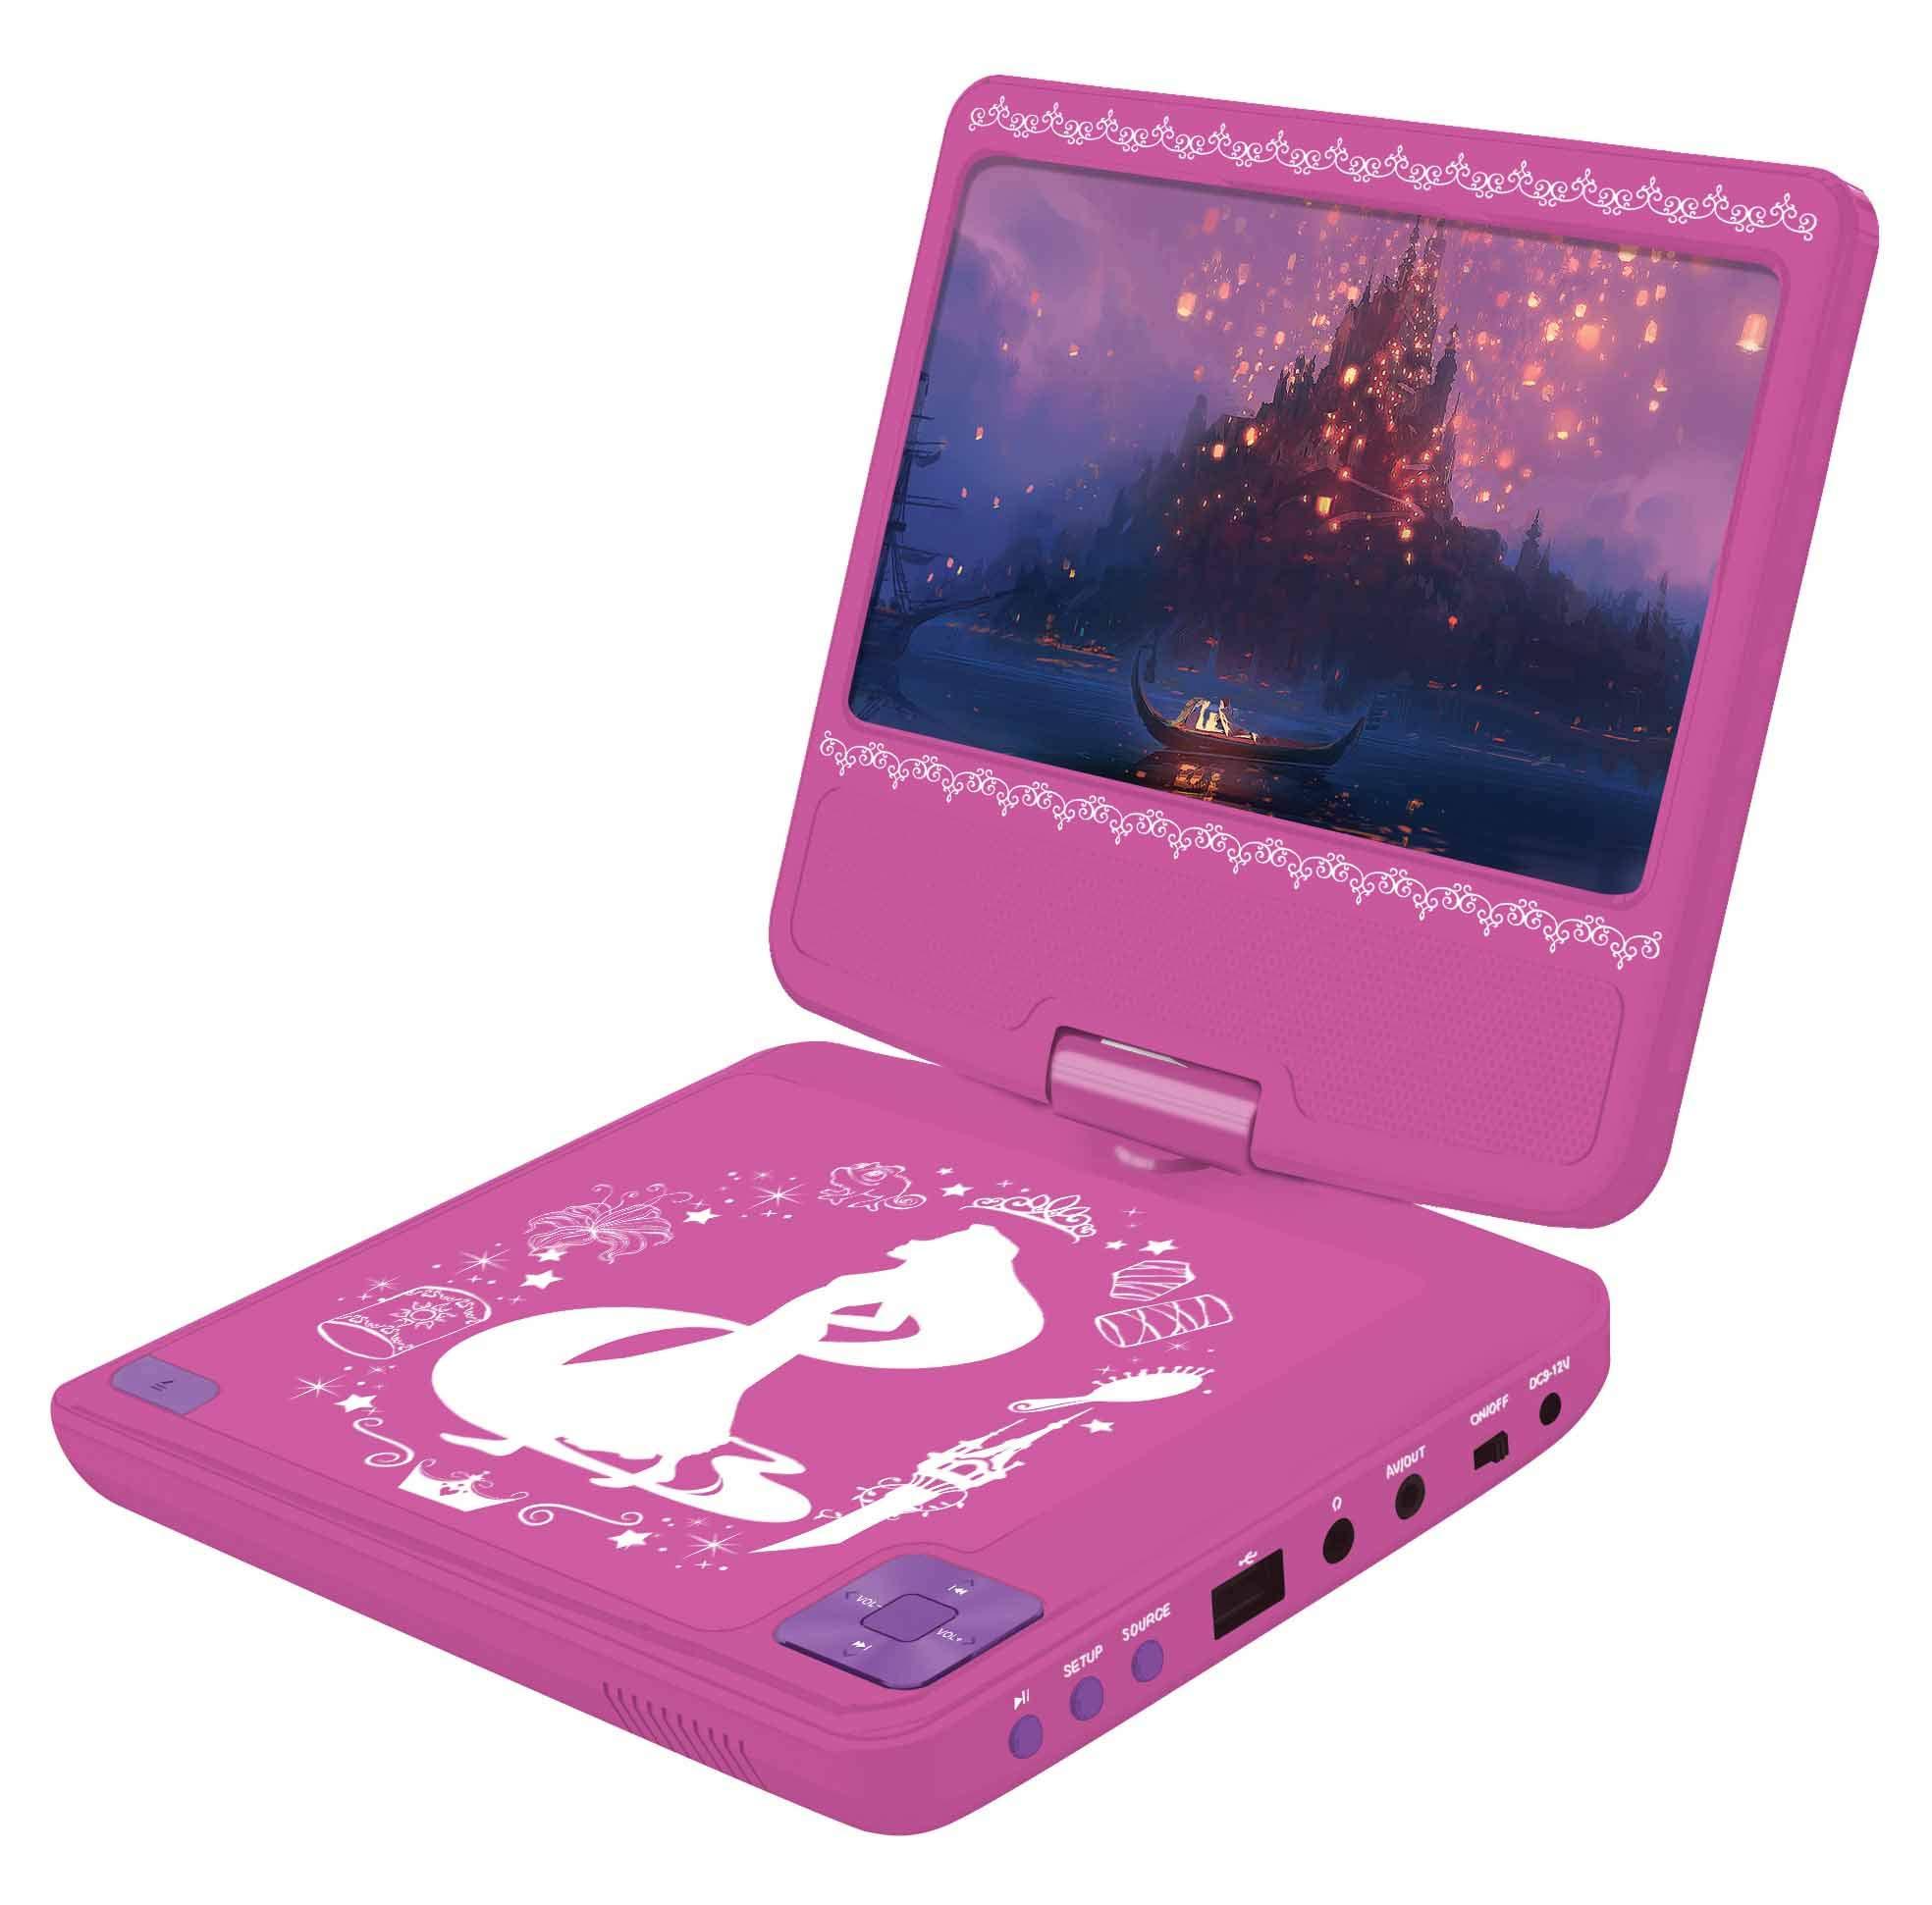 Amazon.es: Princesas Disney Disney Princesas - Lector DVD portátil con Puerto USB y mando a distancia, batería recargable (Lexibook DVDP6DP), Color rosa (